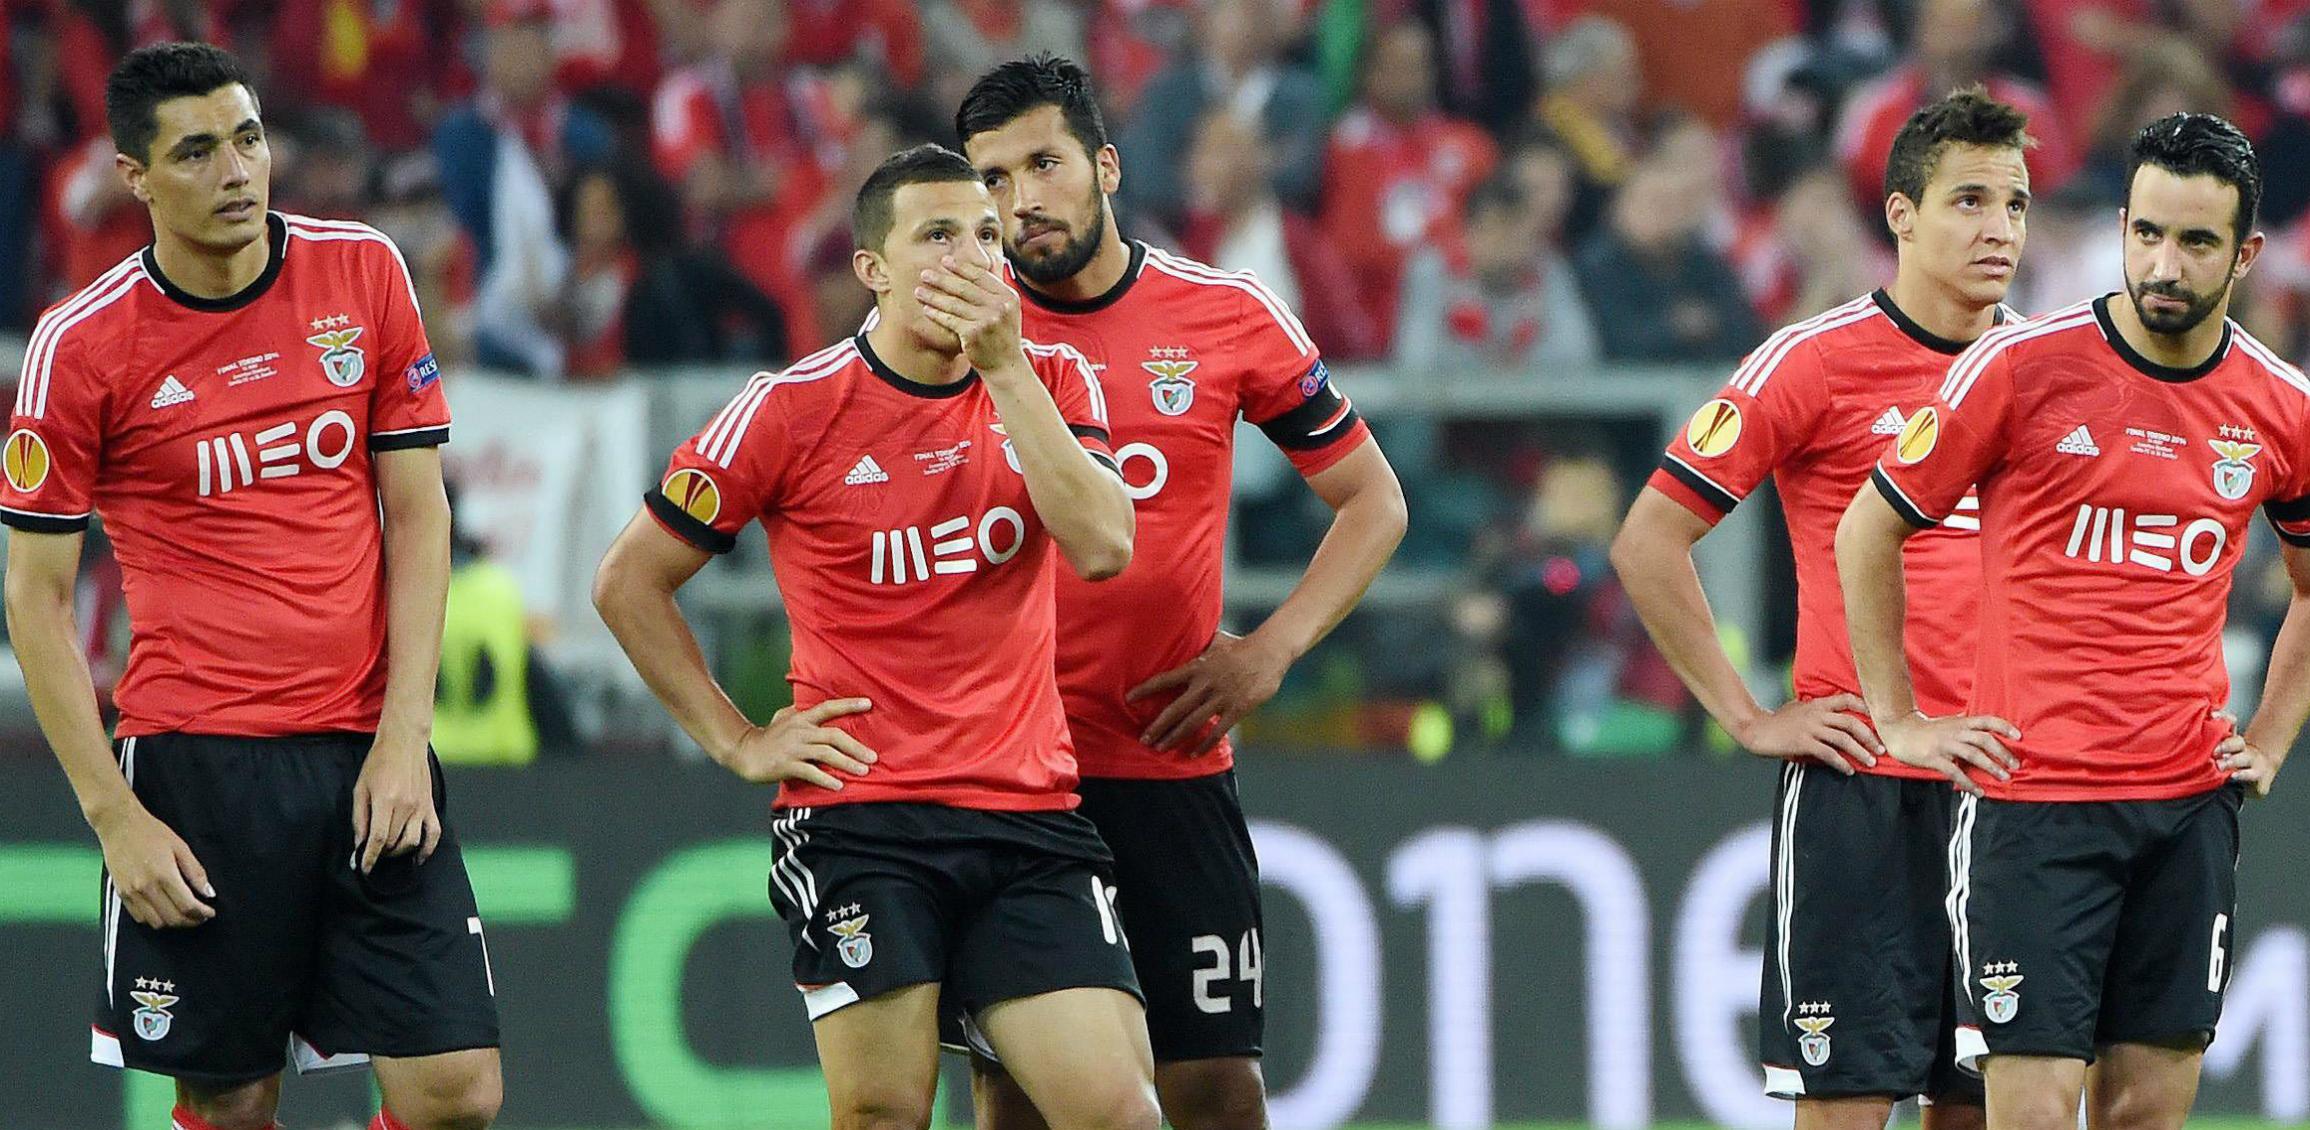 Al Benfica le persigue la maldición de Guttmann desde 1962. En la imagen, jugadores del equipo lisboeta abatidos después de perder la final de la Liga Europa, el 14 de mayo de 2014, ante el Sevilla. La octava final que pierden a nivel europeo desde el vaticinio de Guttmann. EFE/Daniel Dal Zennaro